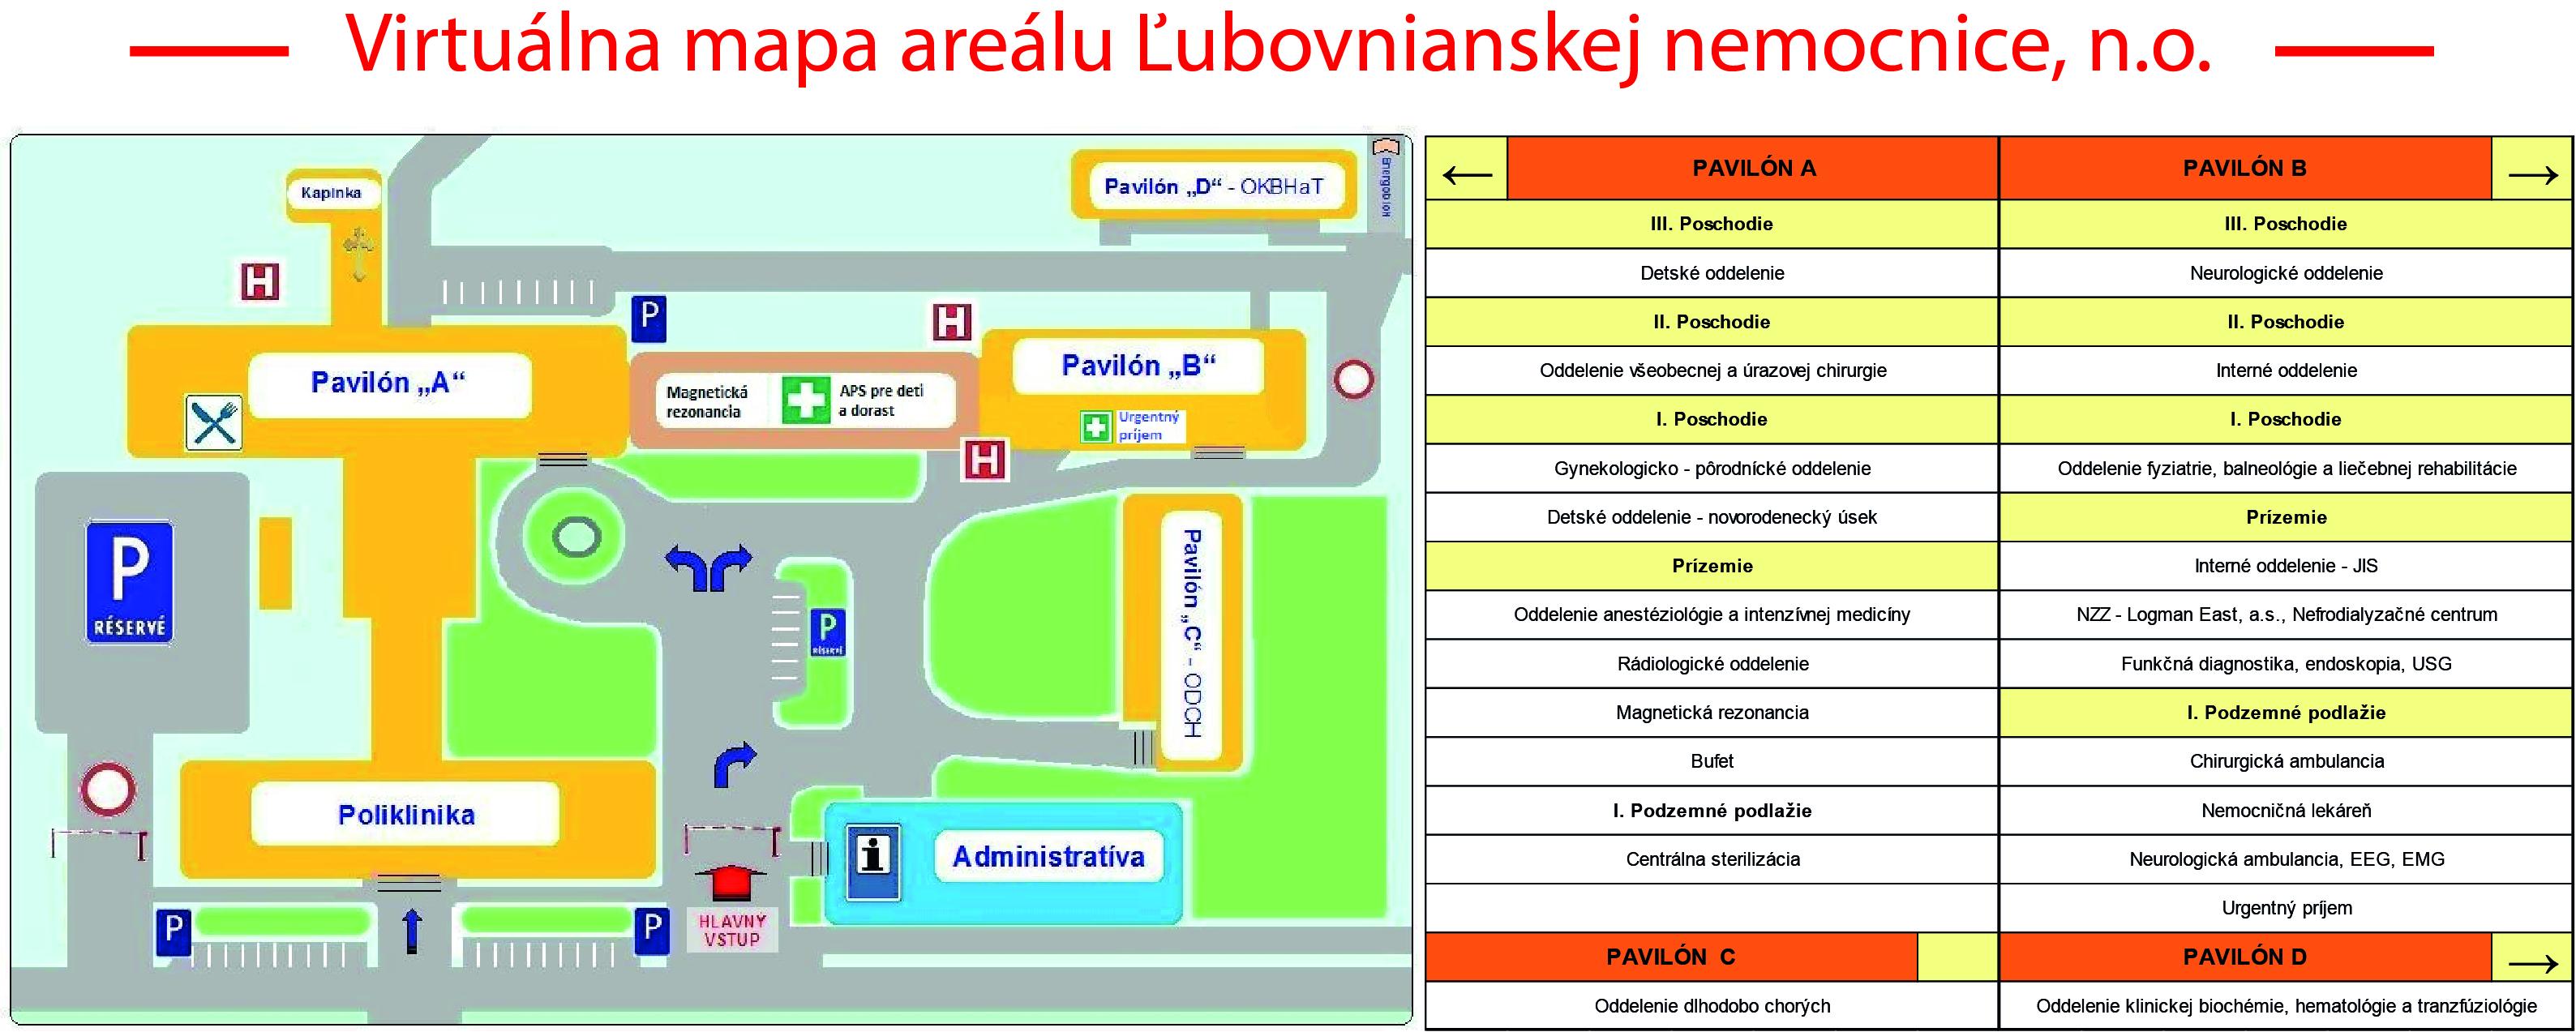 mapa18